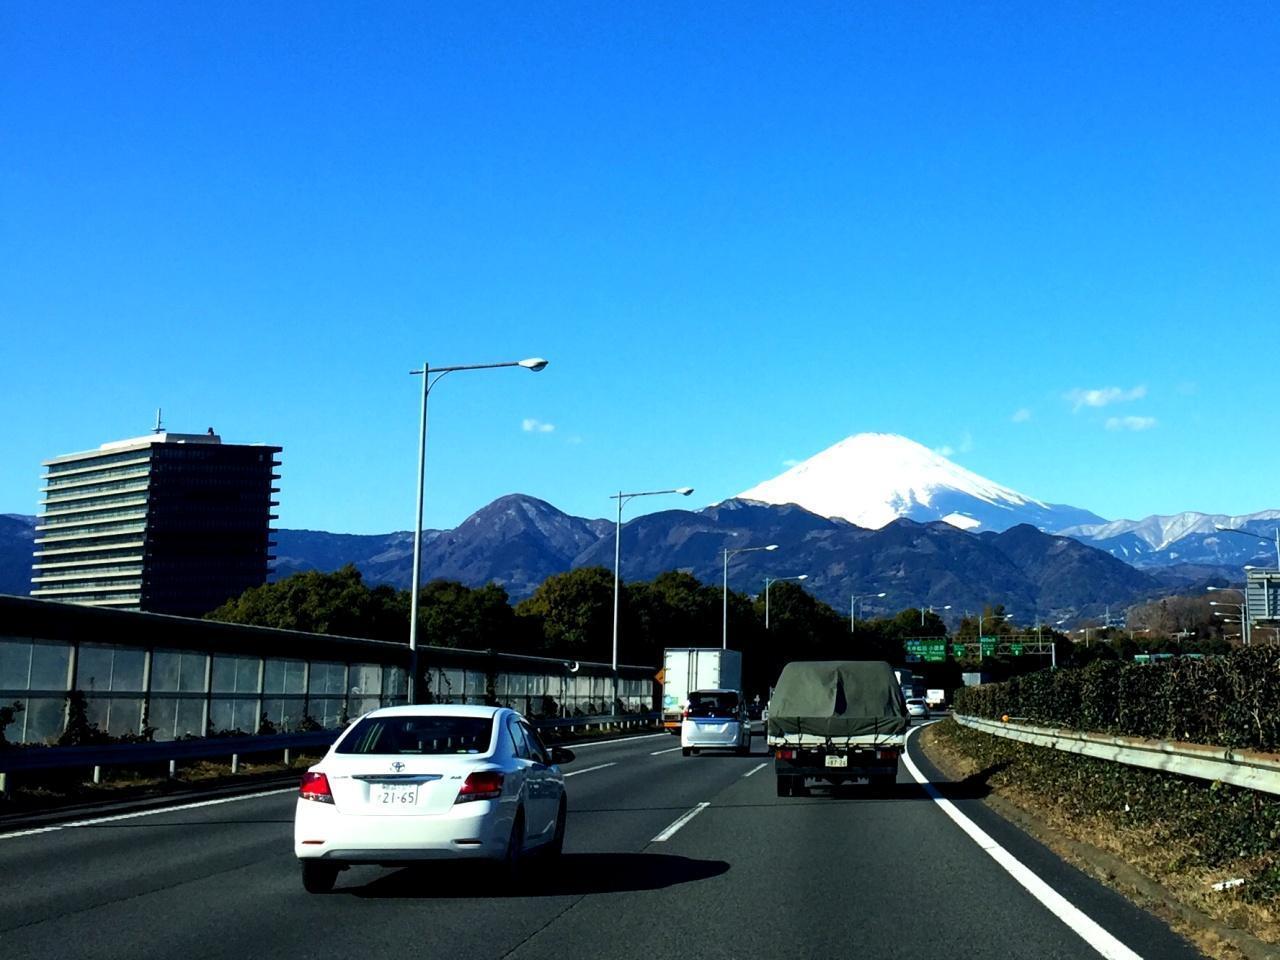 画像: 【ゴルフへ行こう! 静岡】東名高速の高速料金が「最大40パーセント割引」になるドライブプランがNEXCO中日本でスタート - ゴルフへ行こうWEB by ゴルフダイジェスト